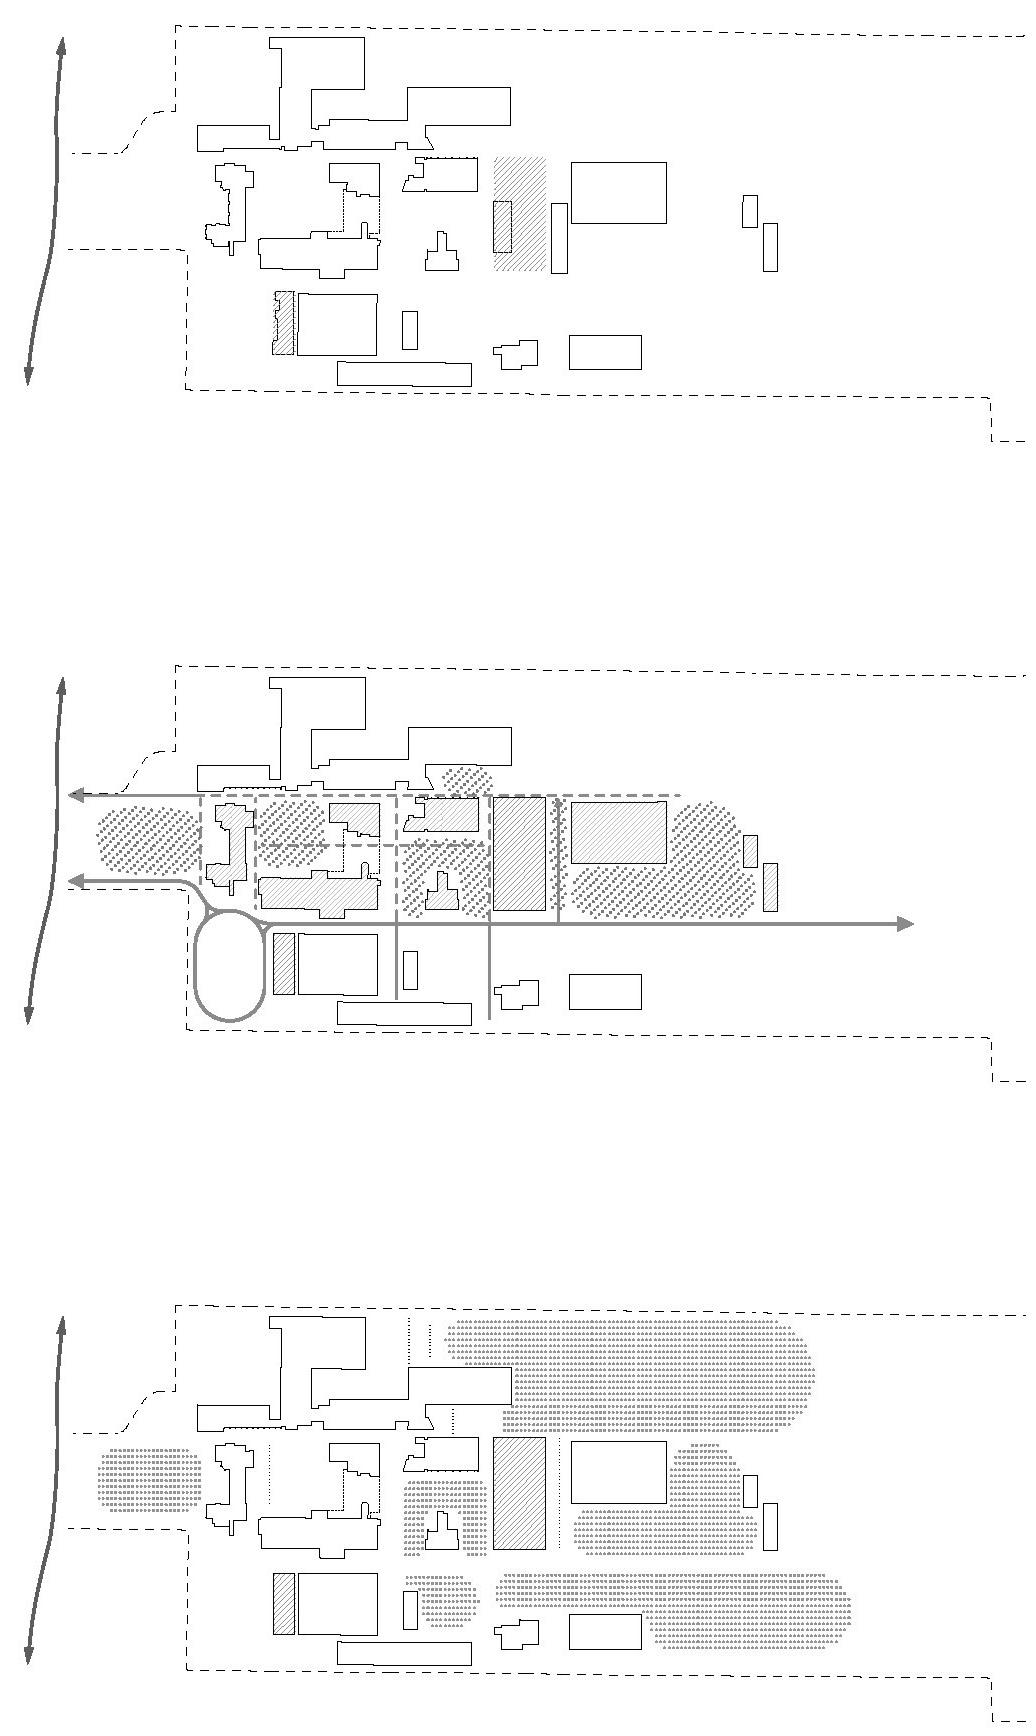 schema's_stedenbouwkundig.jpg